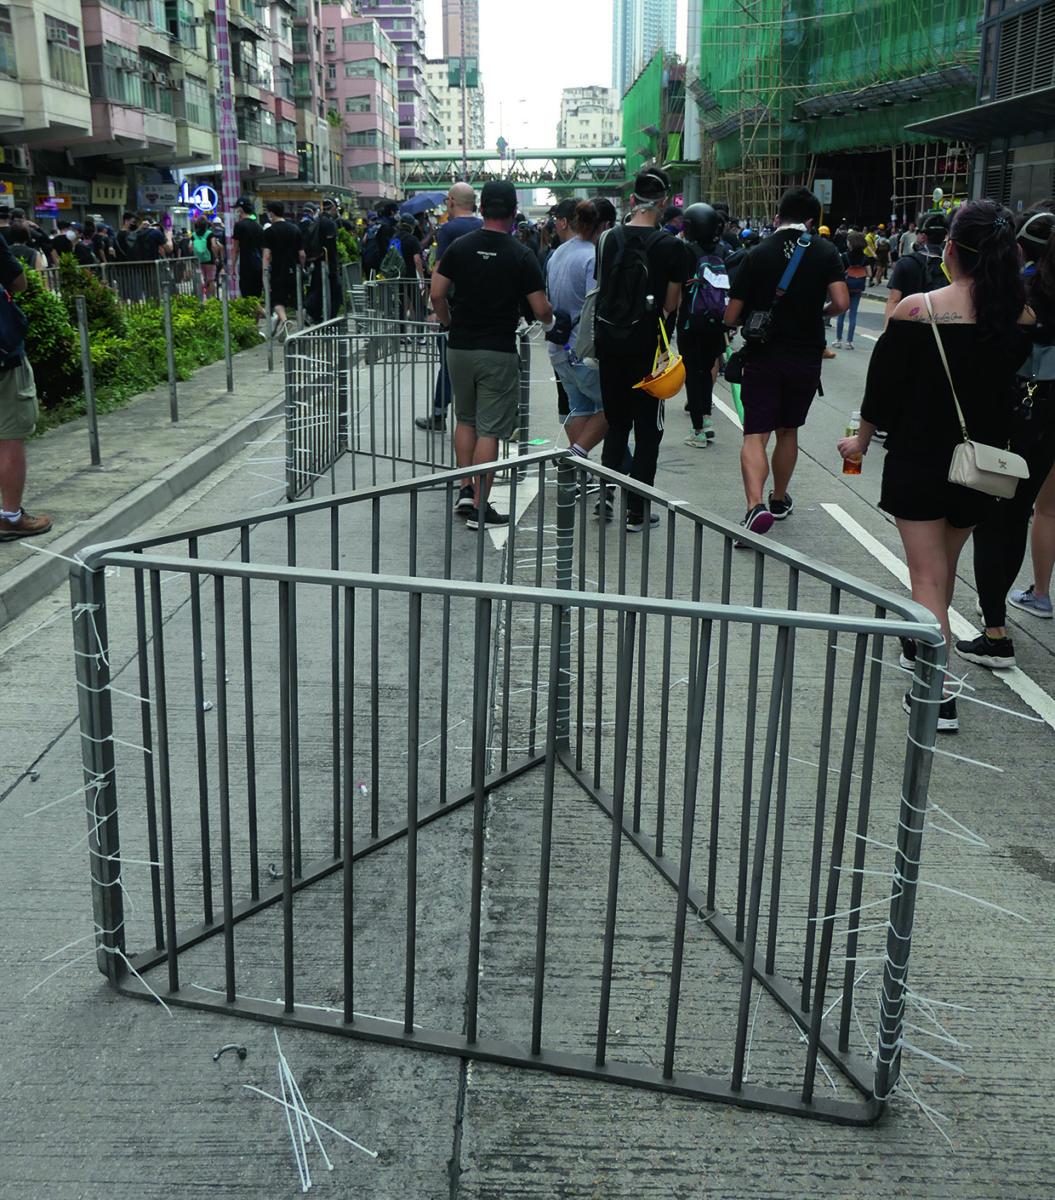 攝於8月11日深水埗,示威行動中沒有圍欄的道路和三角形路障,提醒了我們有機會重新設計香港街道。